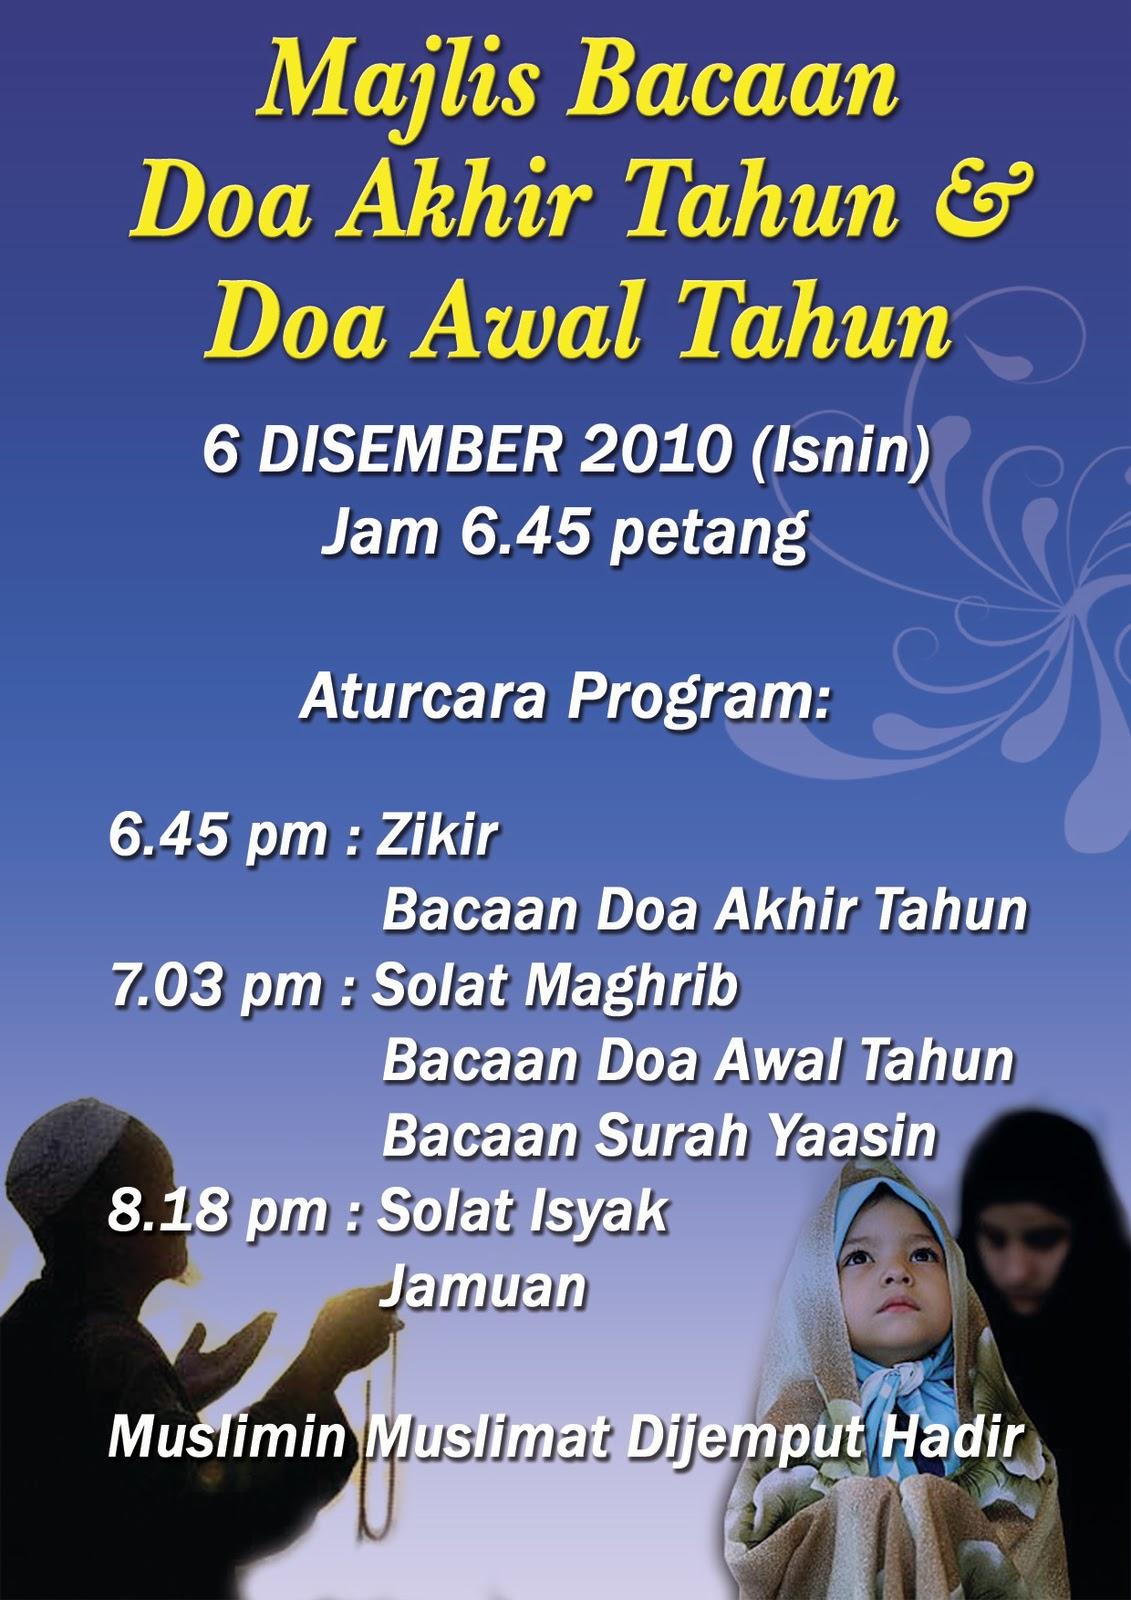 Majlis Bacaan Doa Akhir Tahun dan Doa Awal Tahun